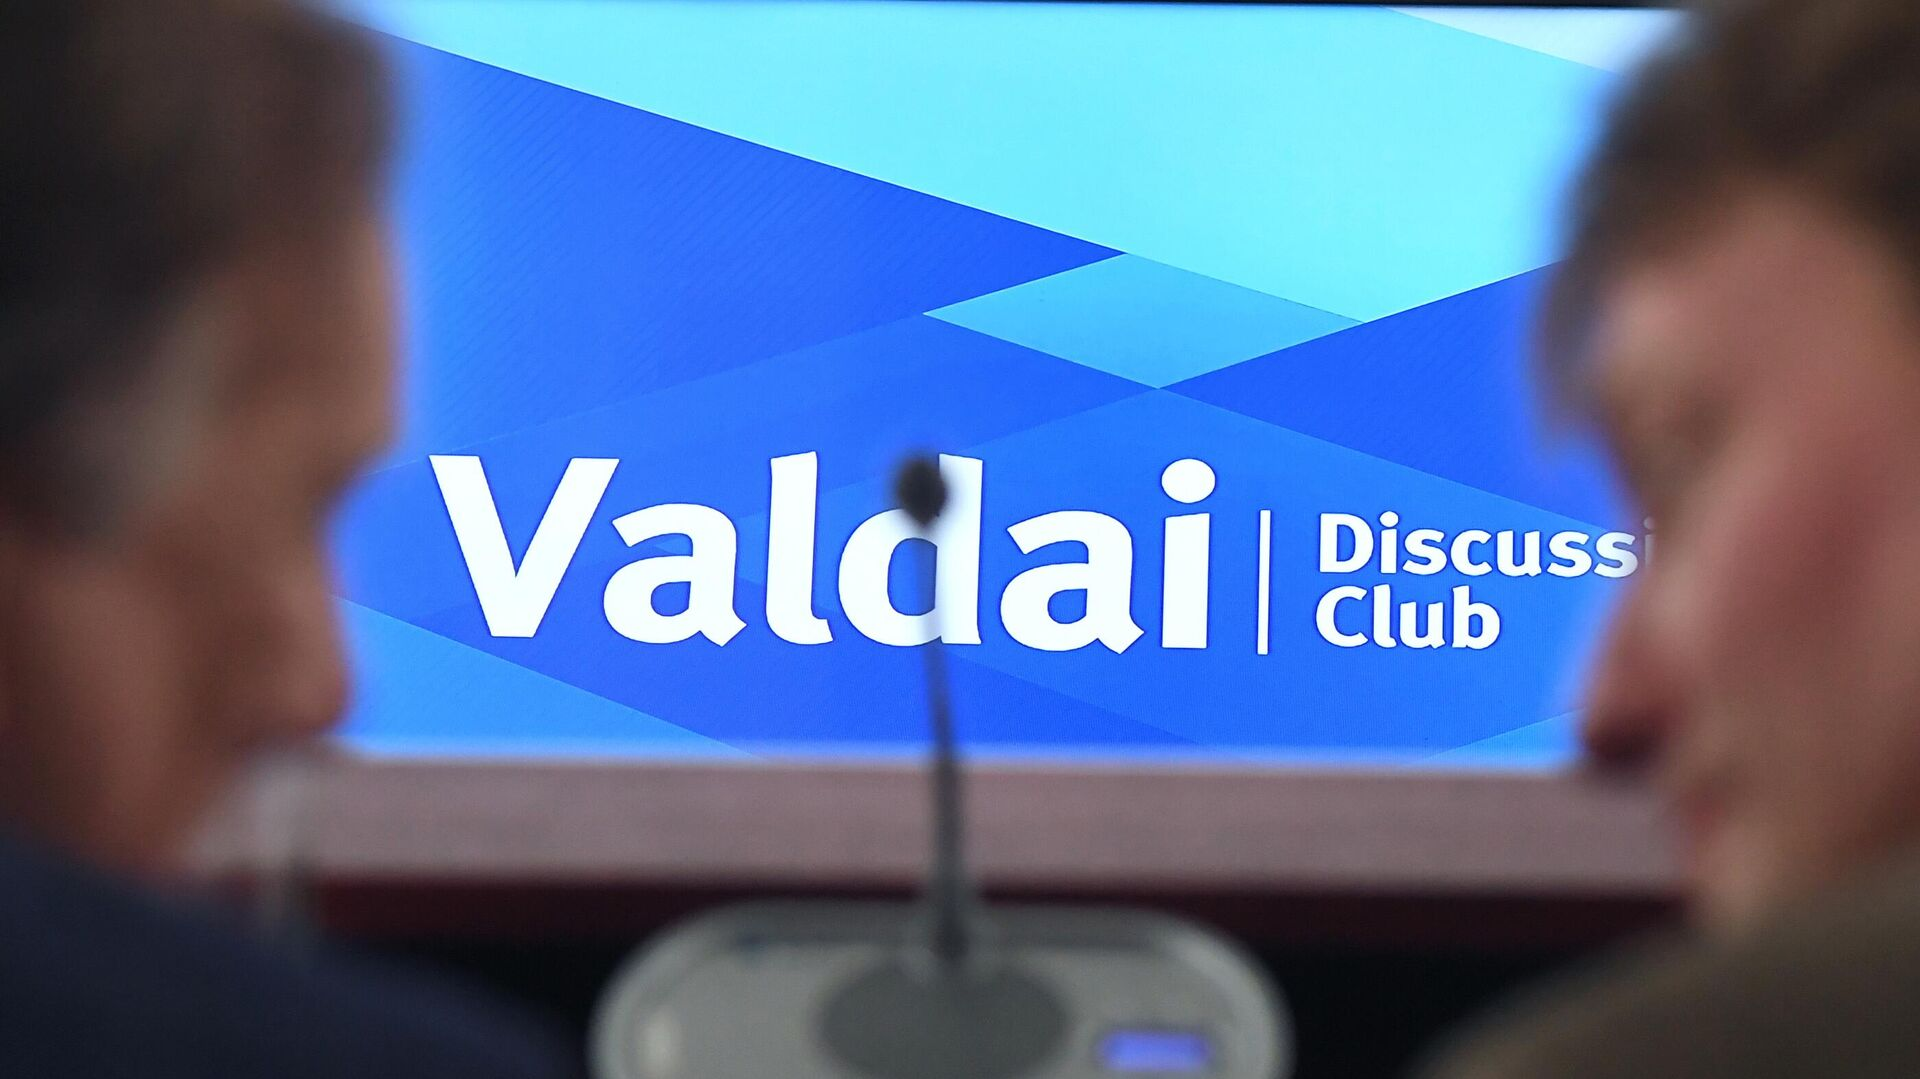 1564863584 0:237:2799:1811 1920x0 80 0 0 ba7888197c701784f4b9ea36d1e245a3 - В Москве откроется ежегодное заседание Валдайского клуба